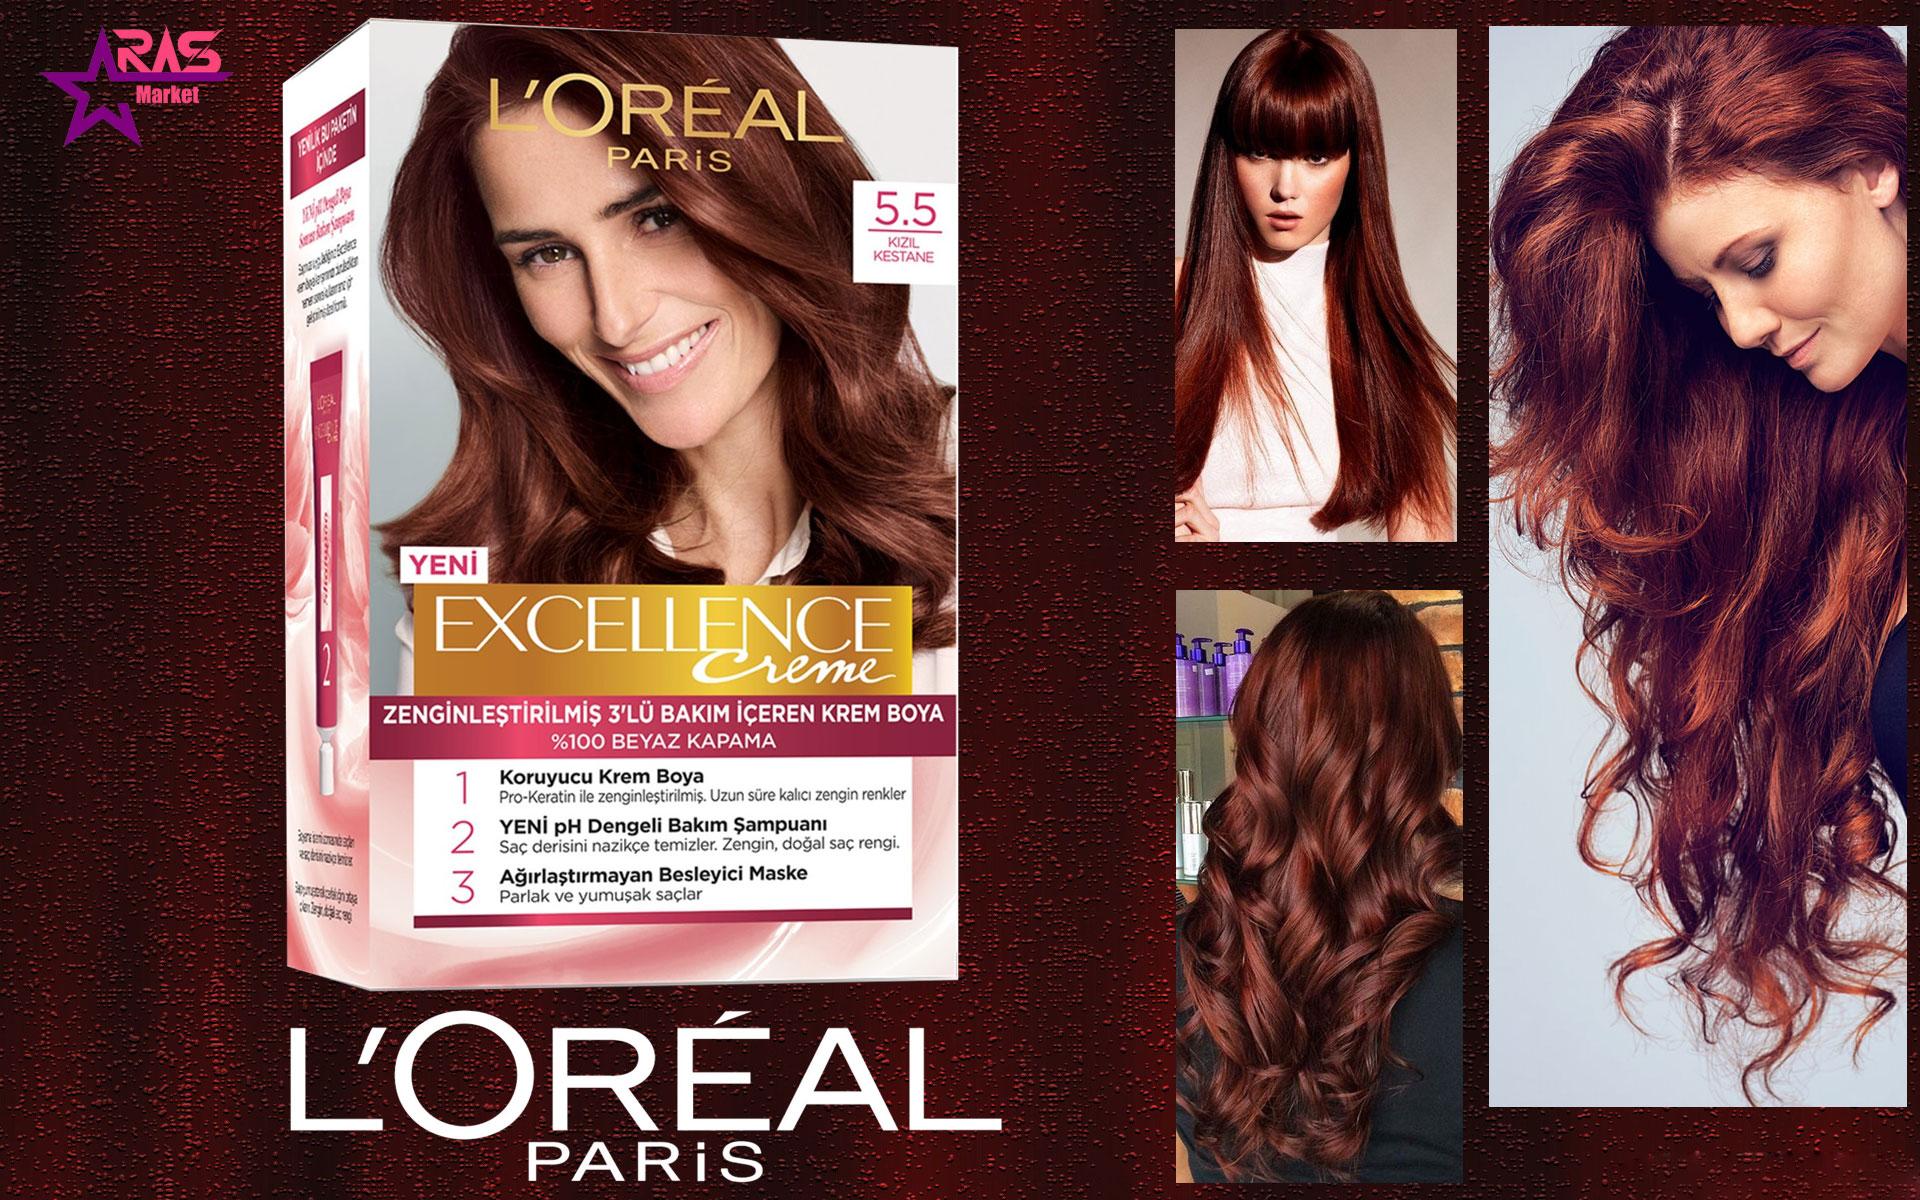 کیت رنگ مو لورآل سری Excellence شماره 5.5 ، خرید اینترنتی محصولات شوینده و بهداشتی ، بهداشت بانوان ، loreal